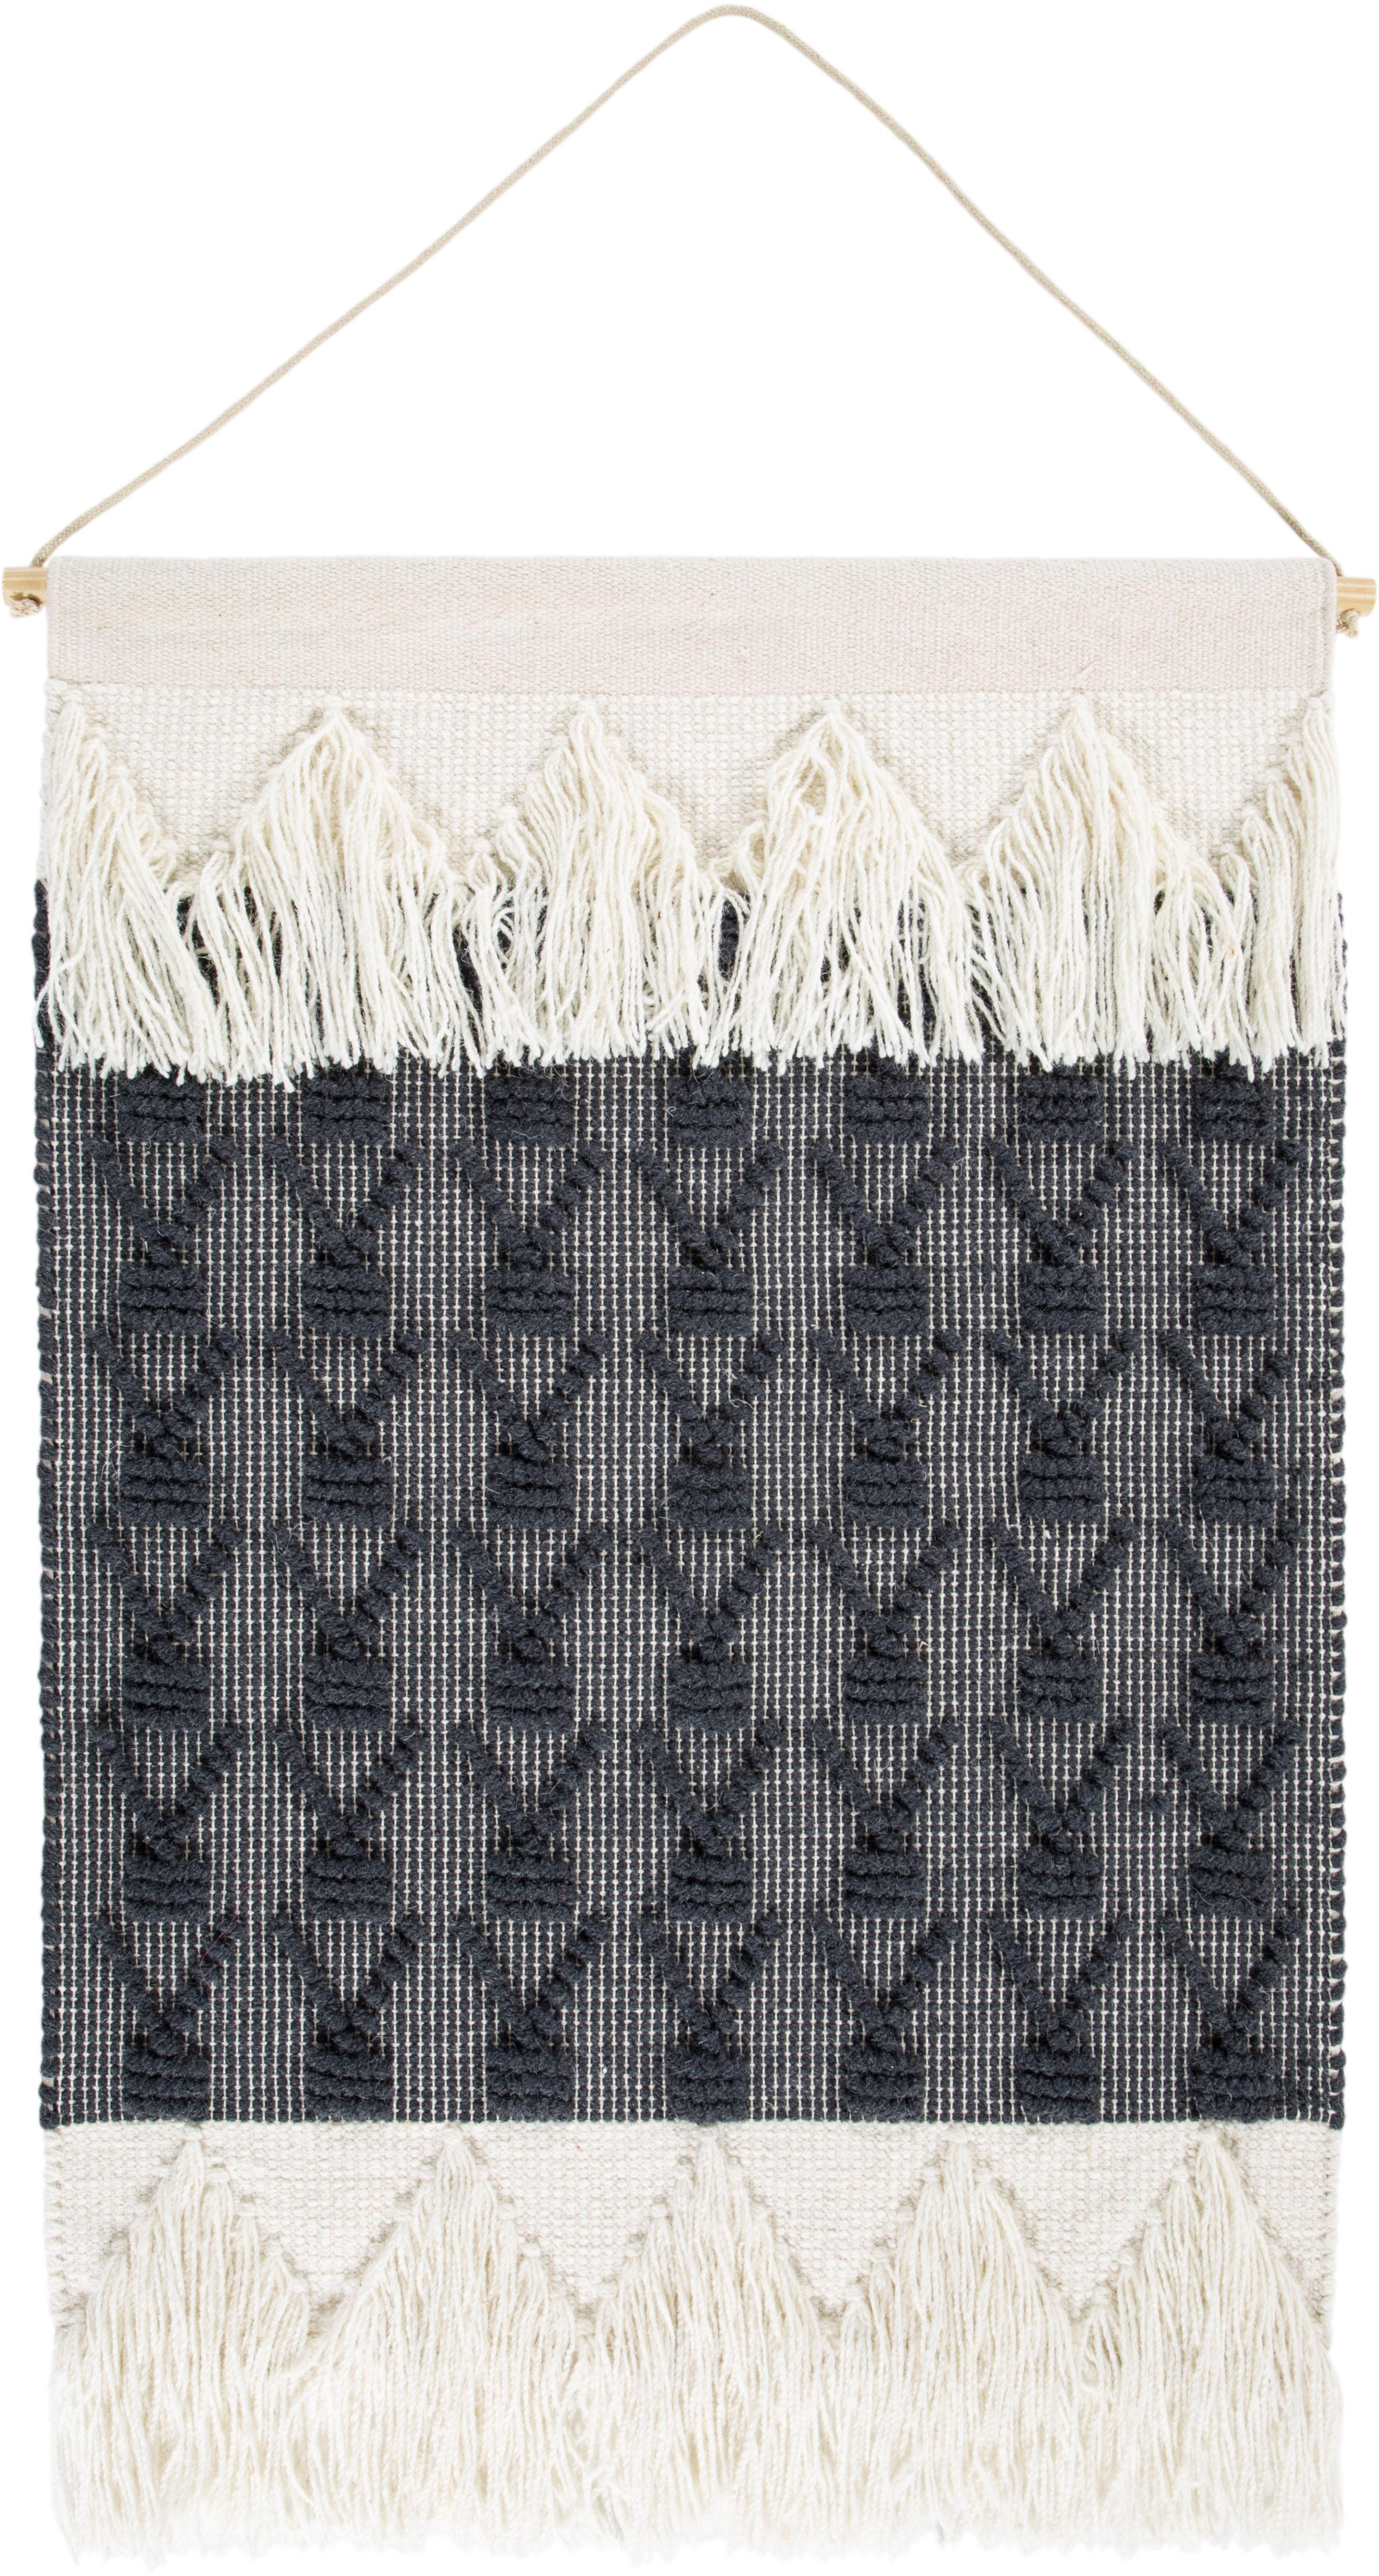 Wandteppich Skagen 1 LUXOR living rechteckig Höhe 10 mm handgewebt   Heimtextilien > Teppiche > Wandteppich   Grau   Wolle   Luxor Living